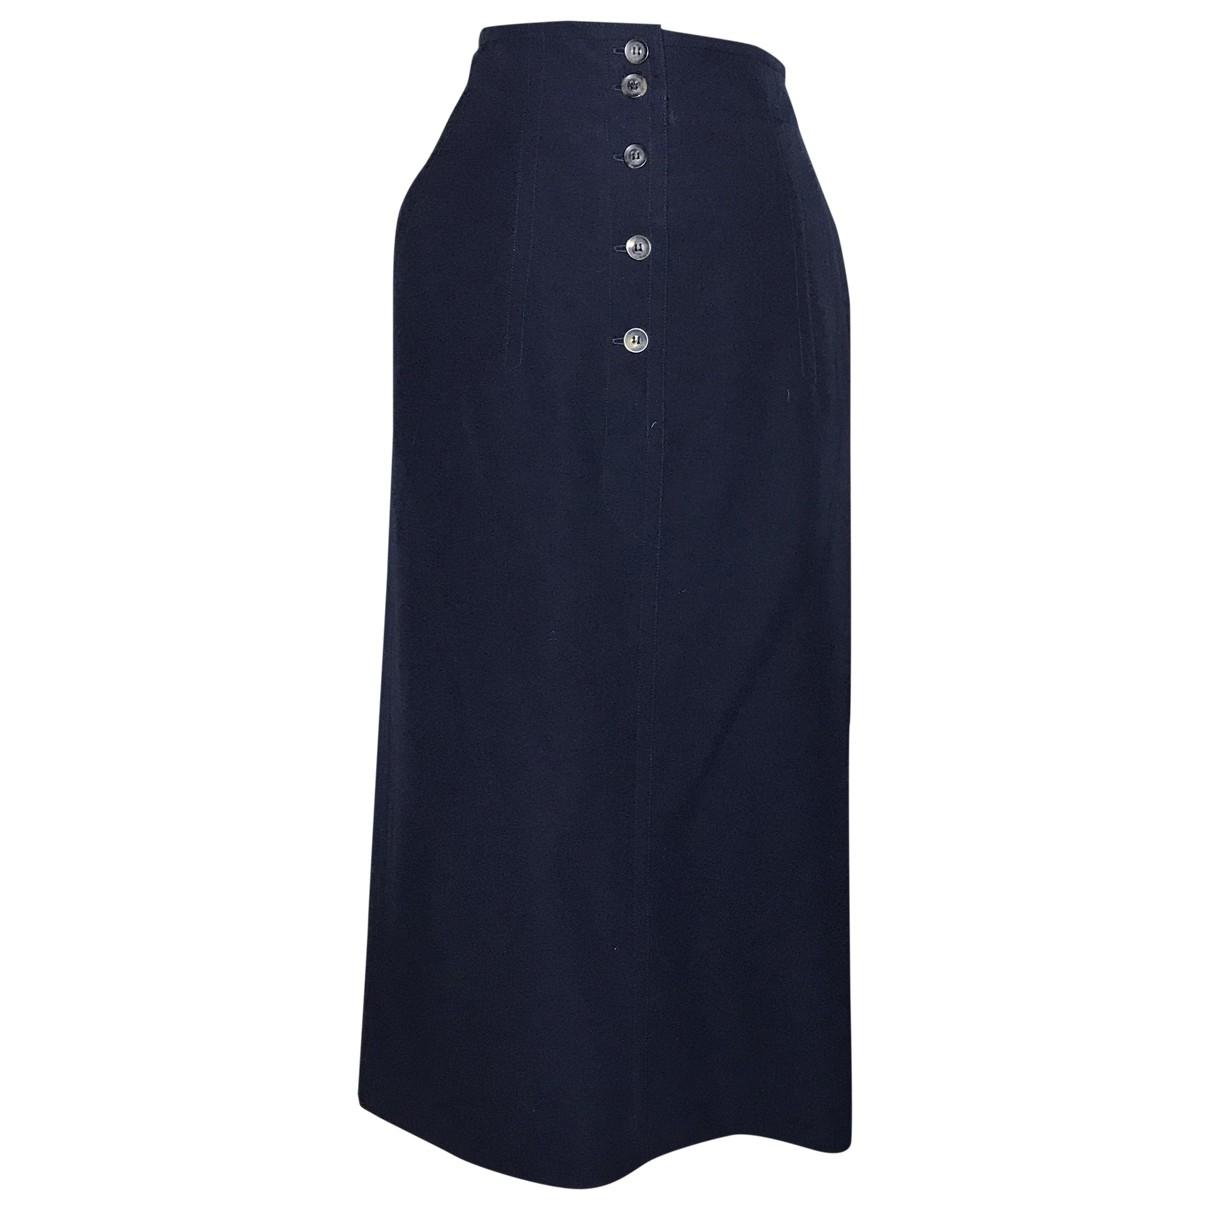 Jil Sander \N Navy Wool skirt for Women 42 FR